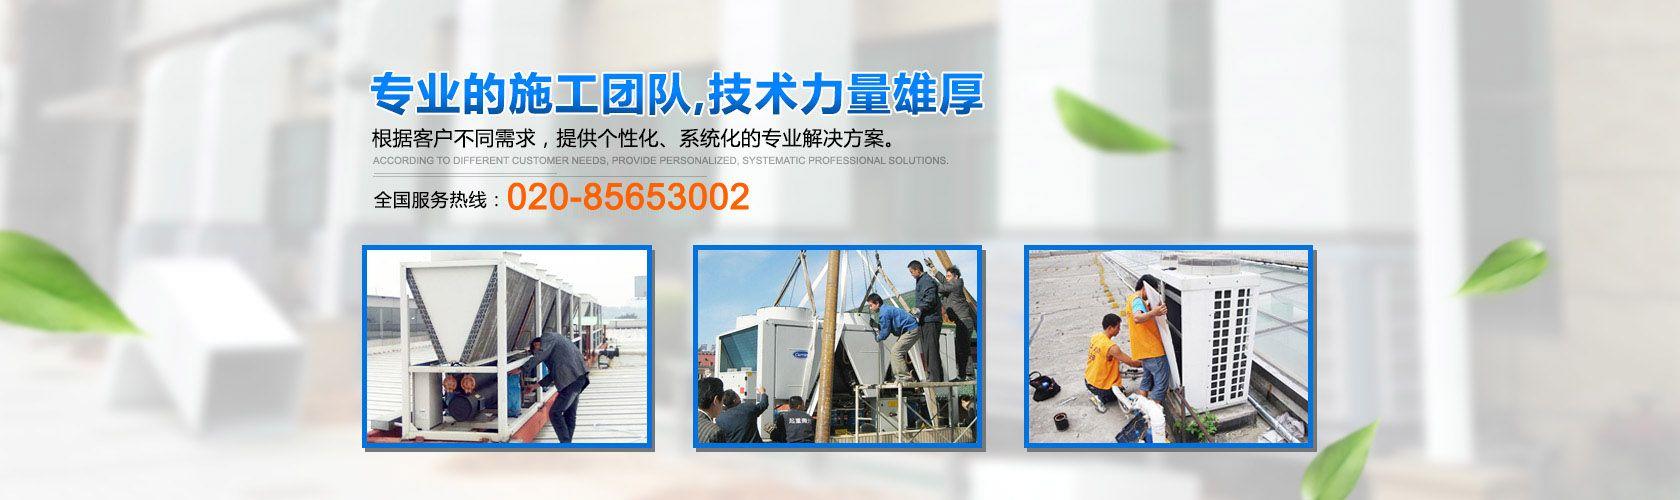 广州空调安装移机服务